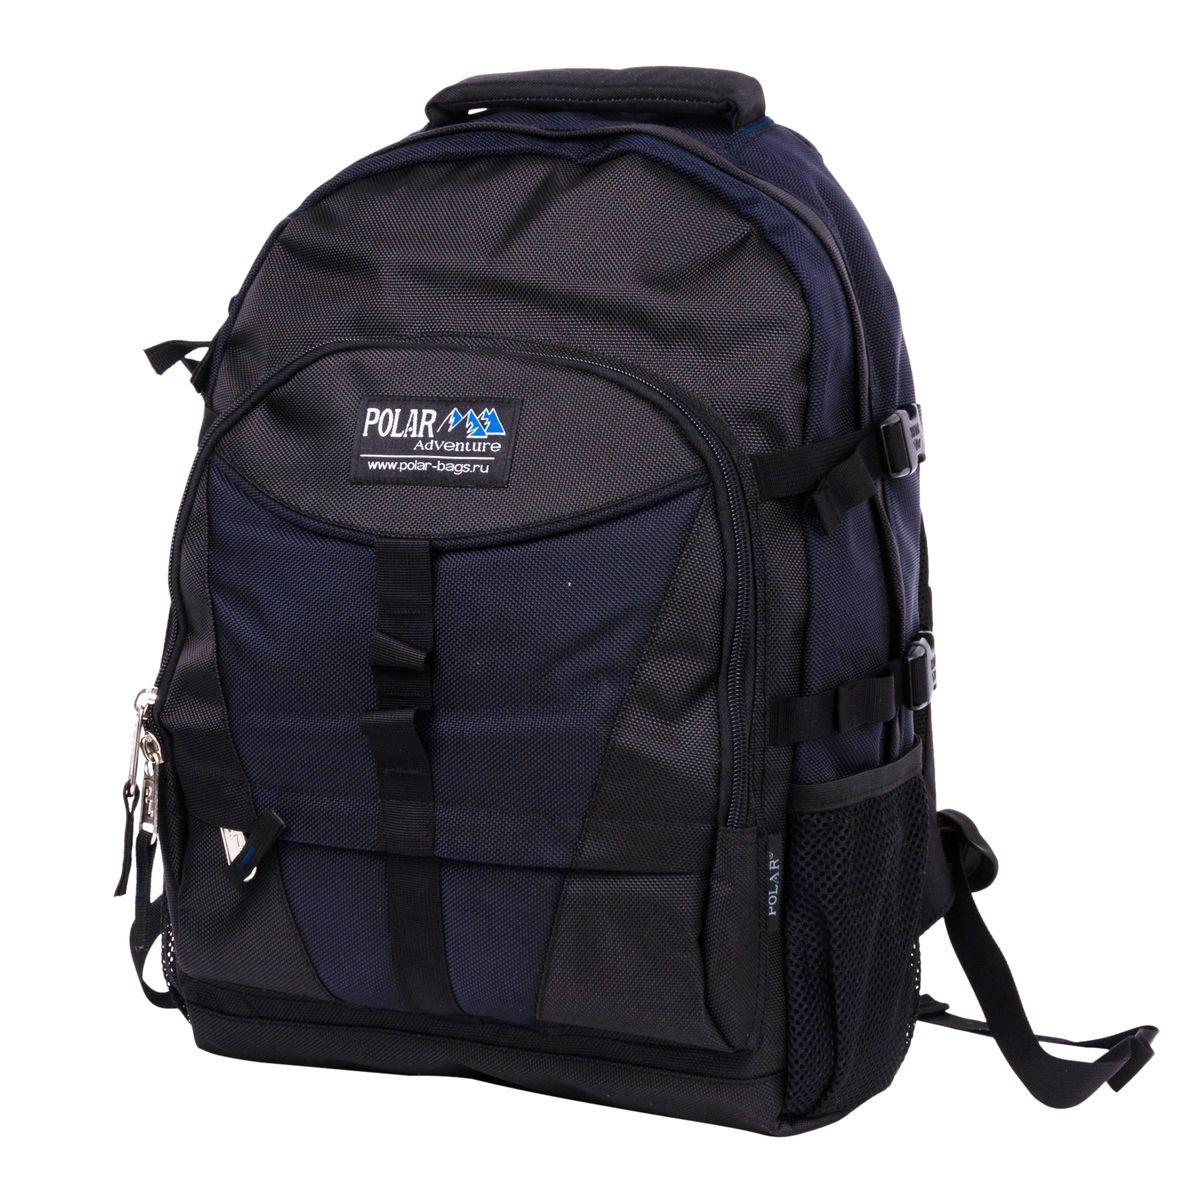 Рюкзак городской Polar, цвет: синий, 27,5 л. П939-04П939-04Оригинальный городской рюкзак от бренда Polar - вместительный и очень удобный, он позволит вам взять с собой все необходимое как для вашего портативного компьютера, так и для себя. Рюкзак выполнен из полиэстера с водоотталкивающей пропиткой. Удобная спинка с вертикальными вставками из пены и трикотажной сетки, для лучшей циркуляции воздуха. Удобные лямки с грудной стяжкой лямок.Внутри большого отделения есть отделение для ноутбука и дополнительное отделение, а также два кармана из сетки с клапанами на липучке для мышки и зарядного устройства. Снаружи расположены четыре стяжки для регулирования объема. Два боковых кармана из сетки. Вместительный карман с органайзером и дополнительными кармашками. Дополнительно в комплект входит съемный чехол, что позволит надежней сохранить ваши вещи в дождливую погоду.Материал: Cordura PU 1000D. Размер отделения для ноутбука: 28 х 5 х 35 см.